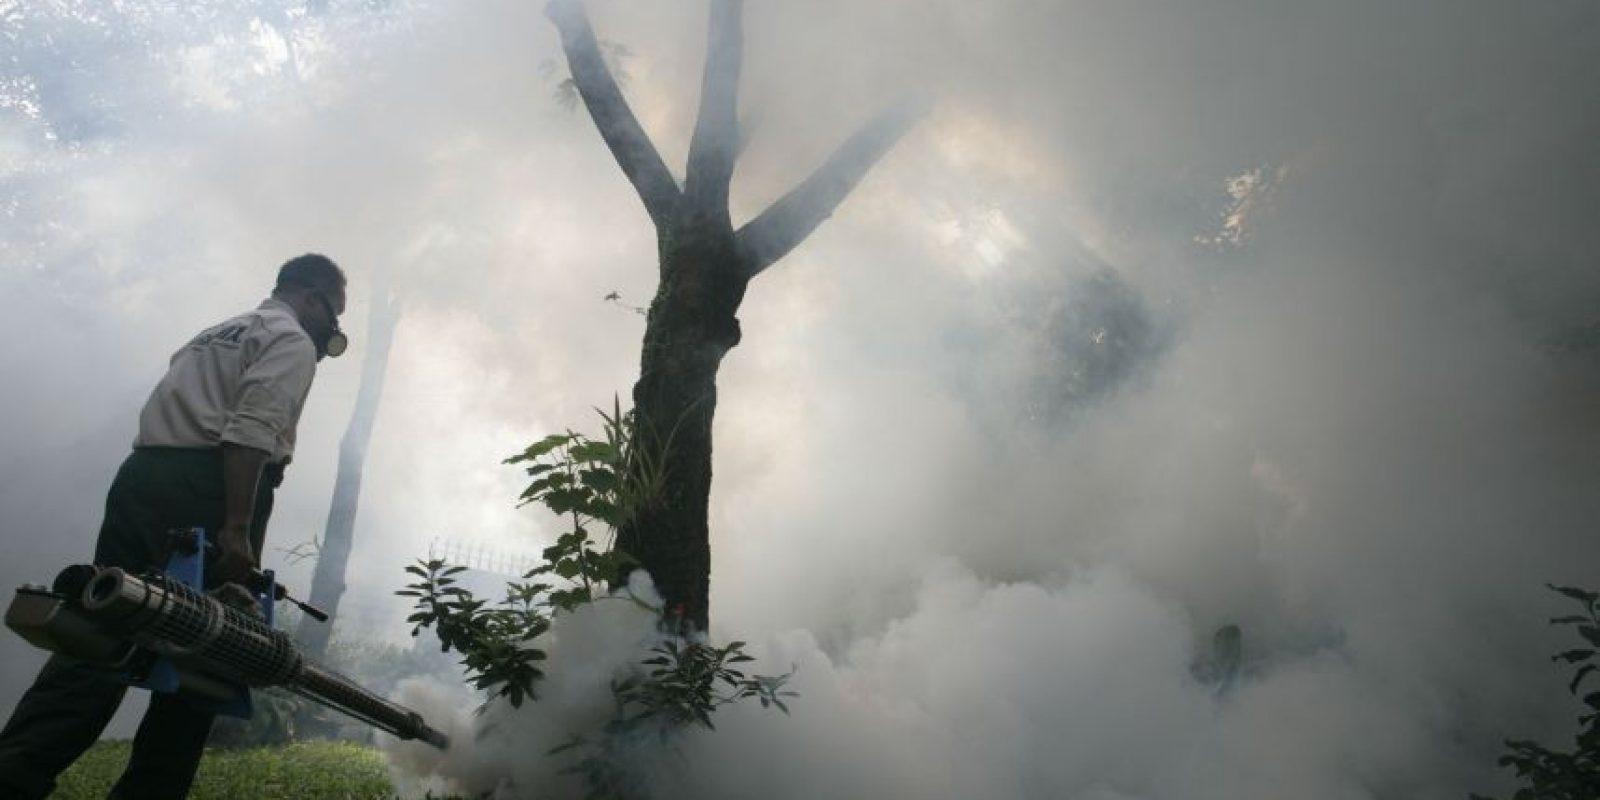 El Gobierno emprendió acciones para prevenir y mitigar, que incluyen la fumigación. / Roberto Guzmán